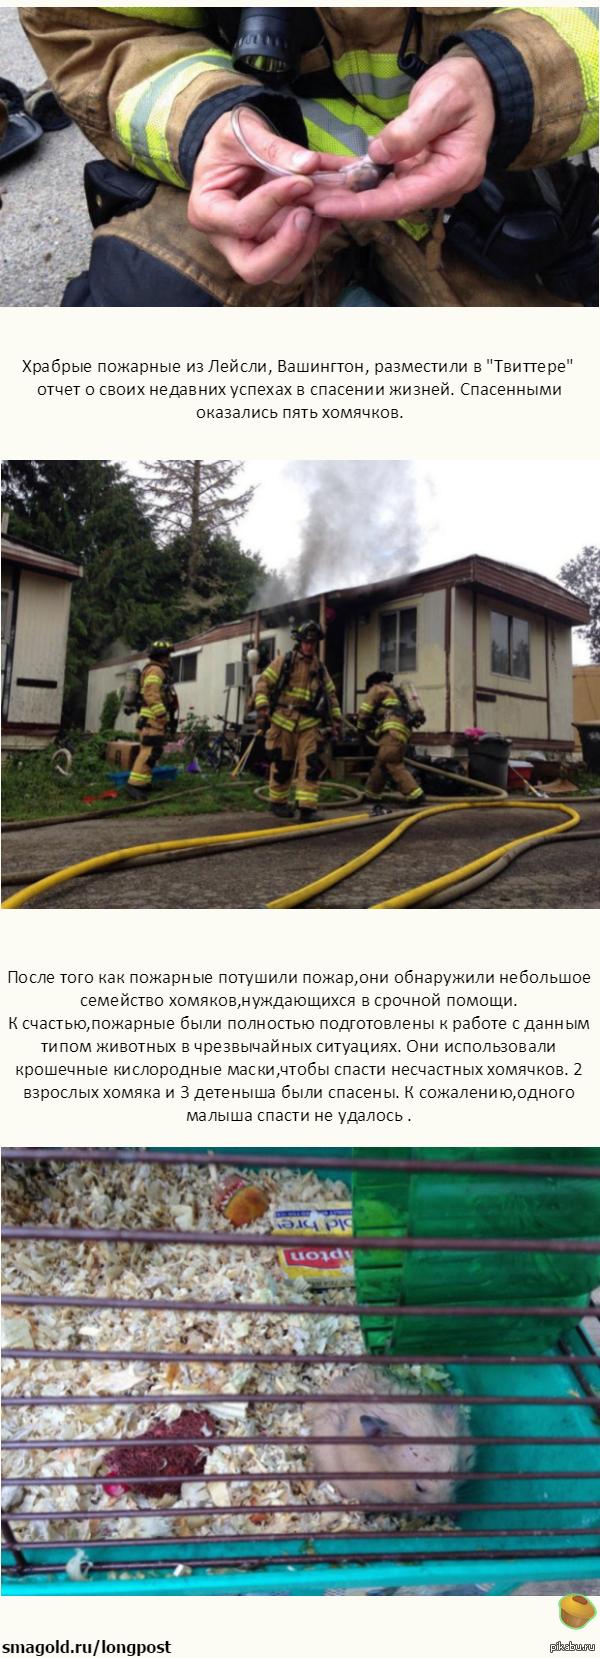 Пожарные спасли хомячков при помощи кислородных масок